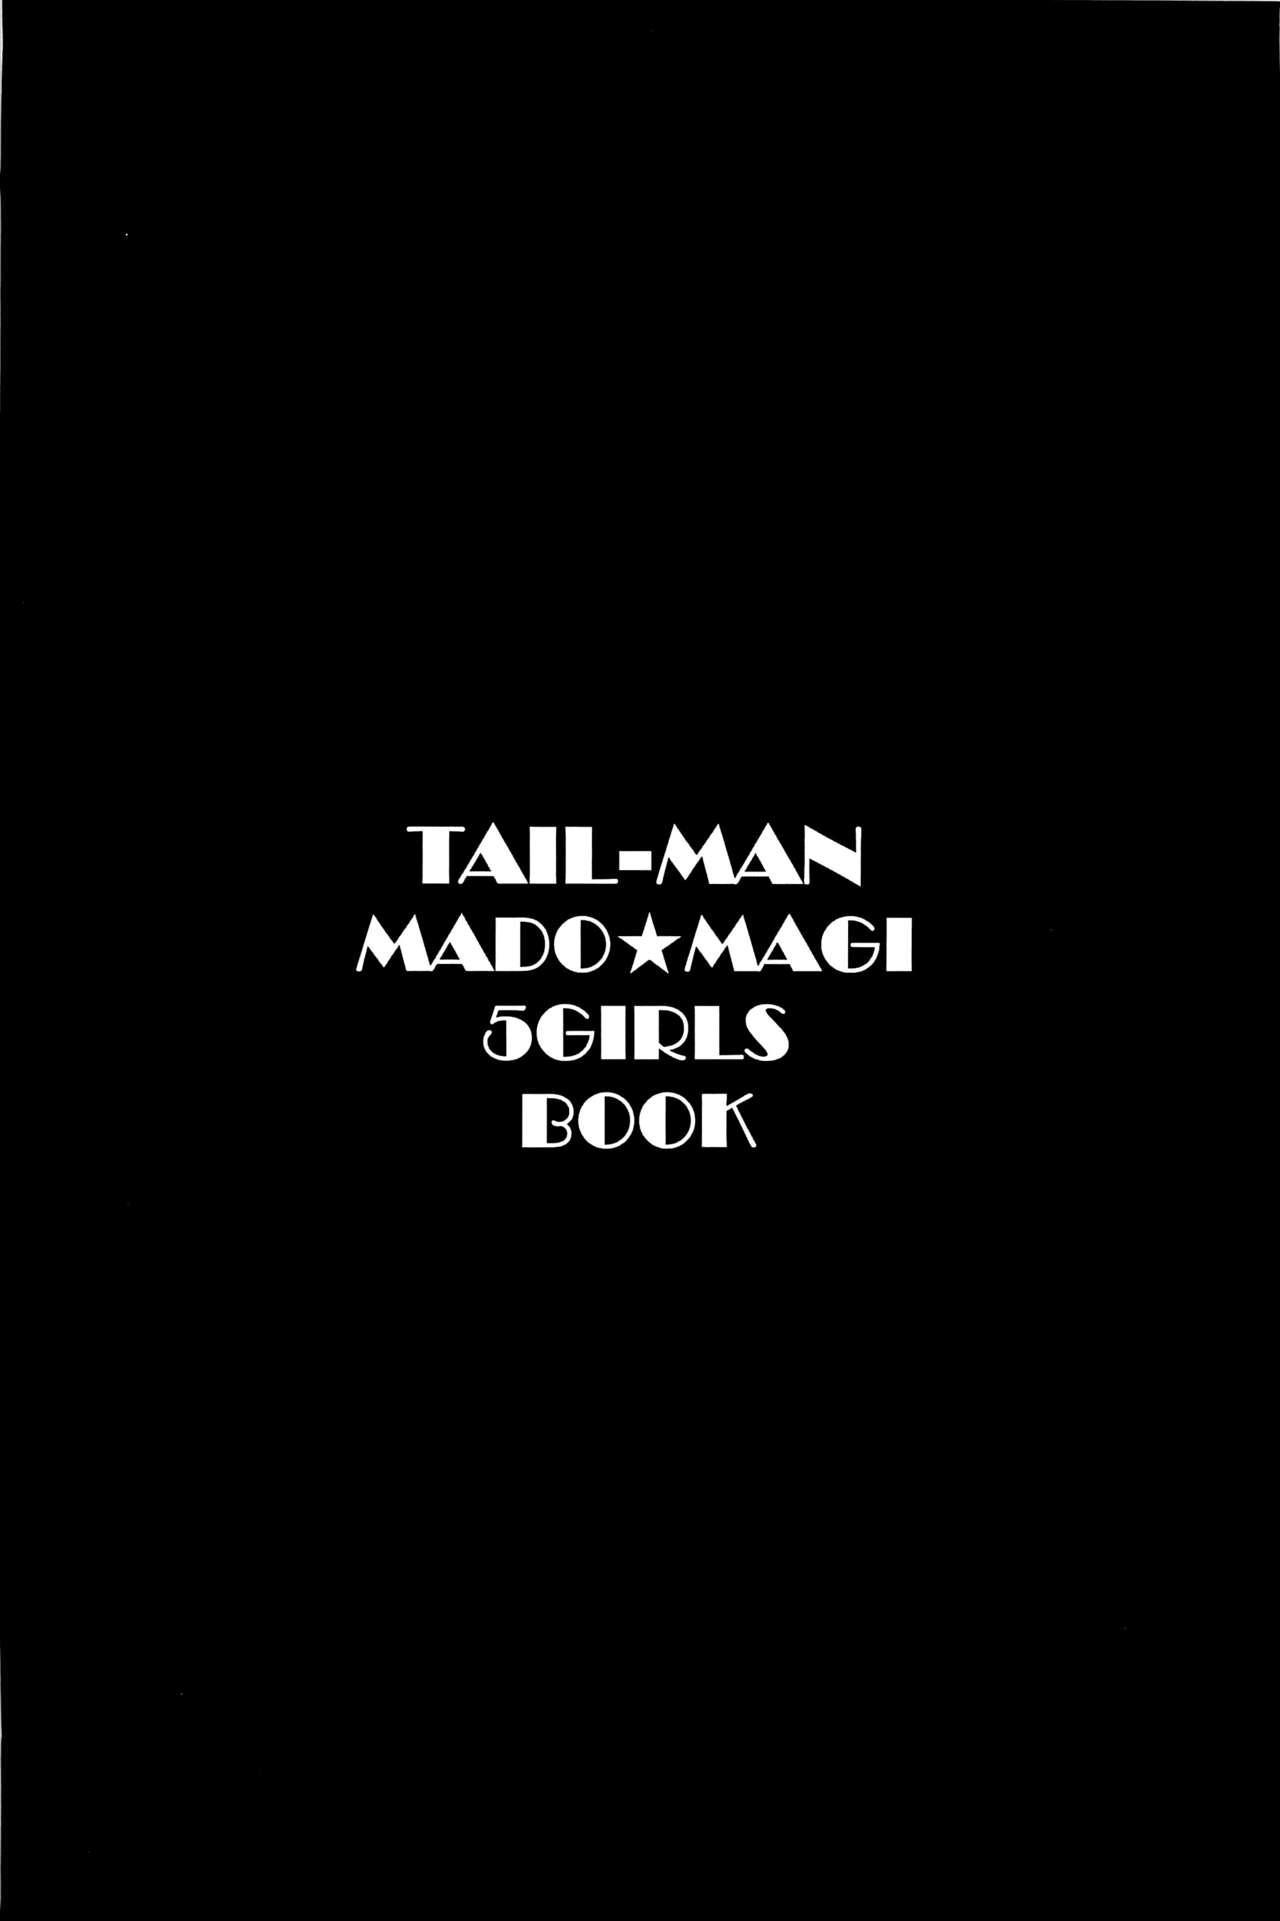 TAIL-MAN MADO★MAGI 5GIRLS BOOK 1